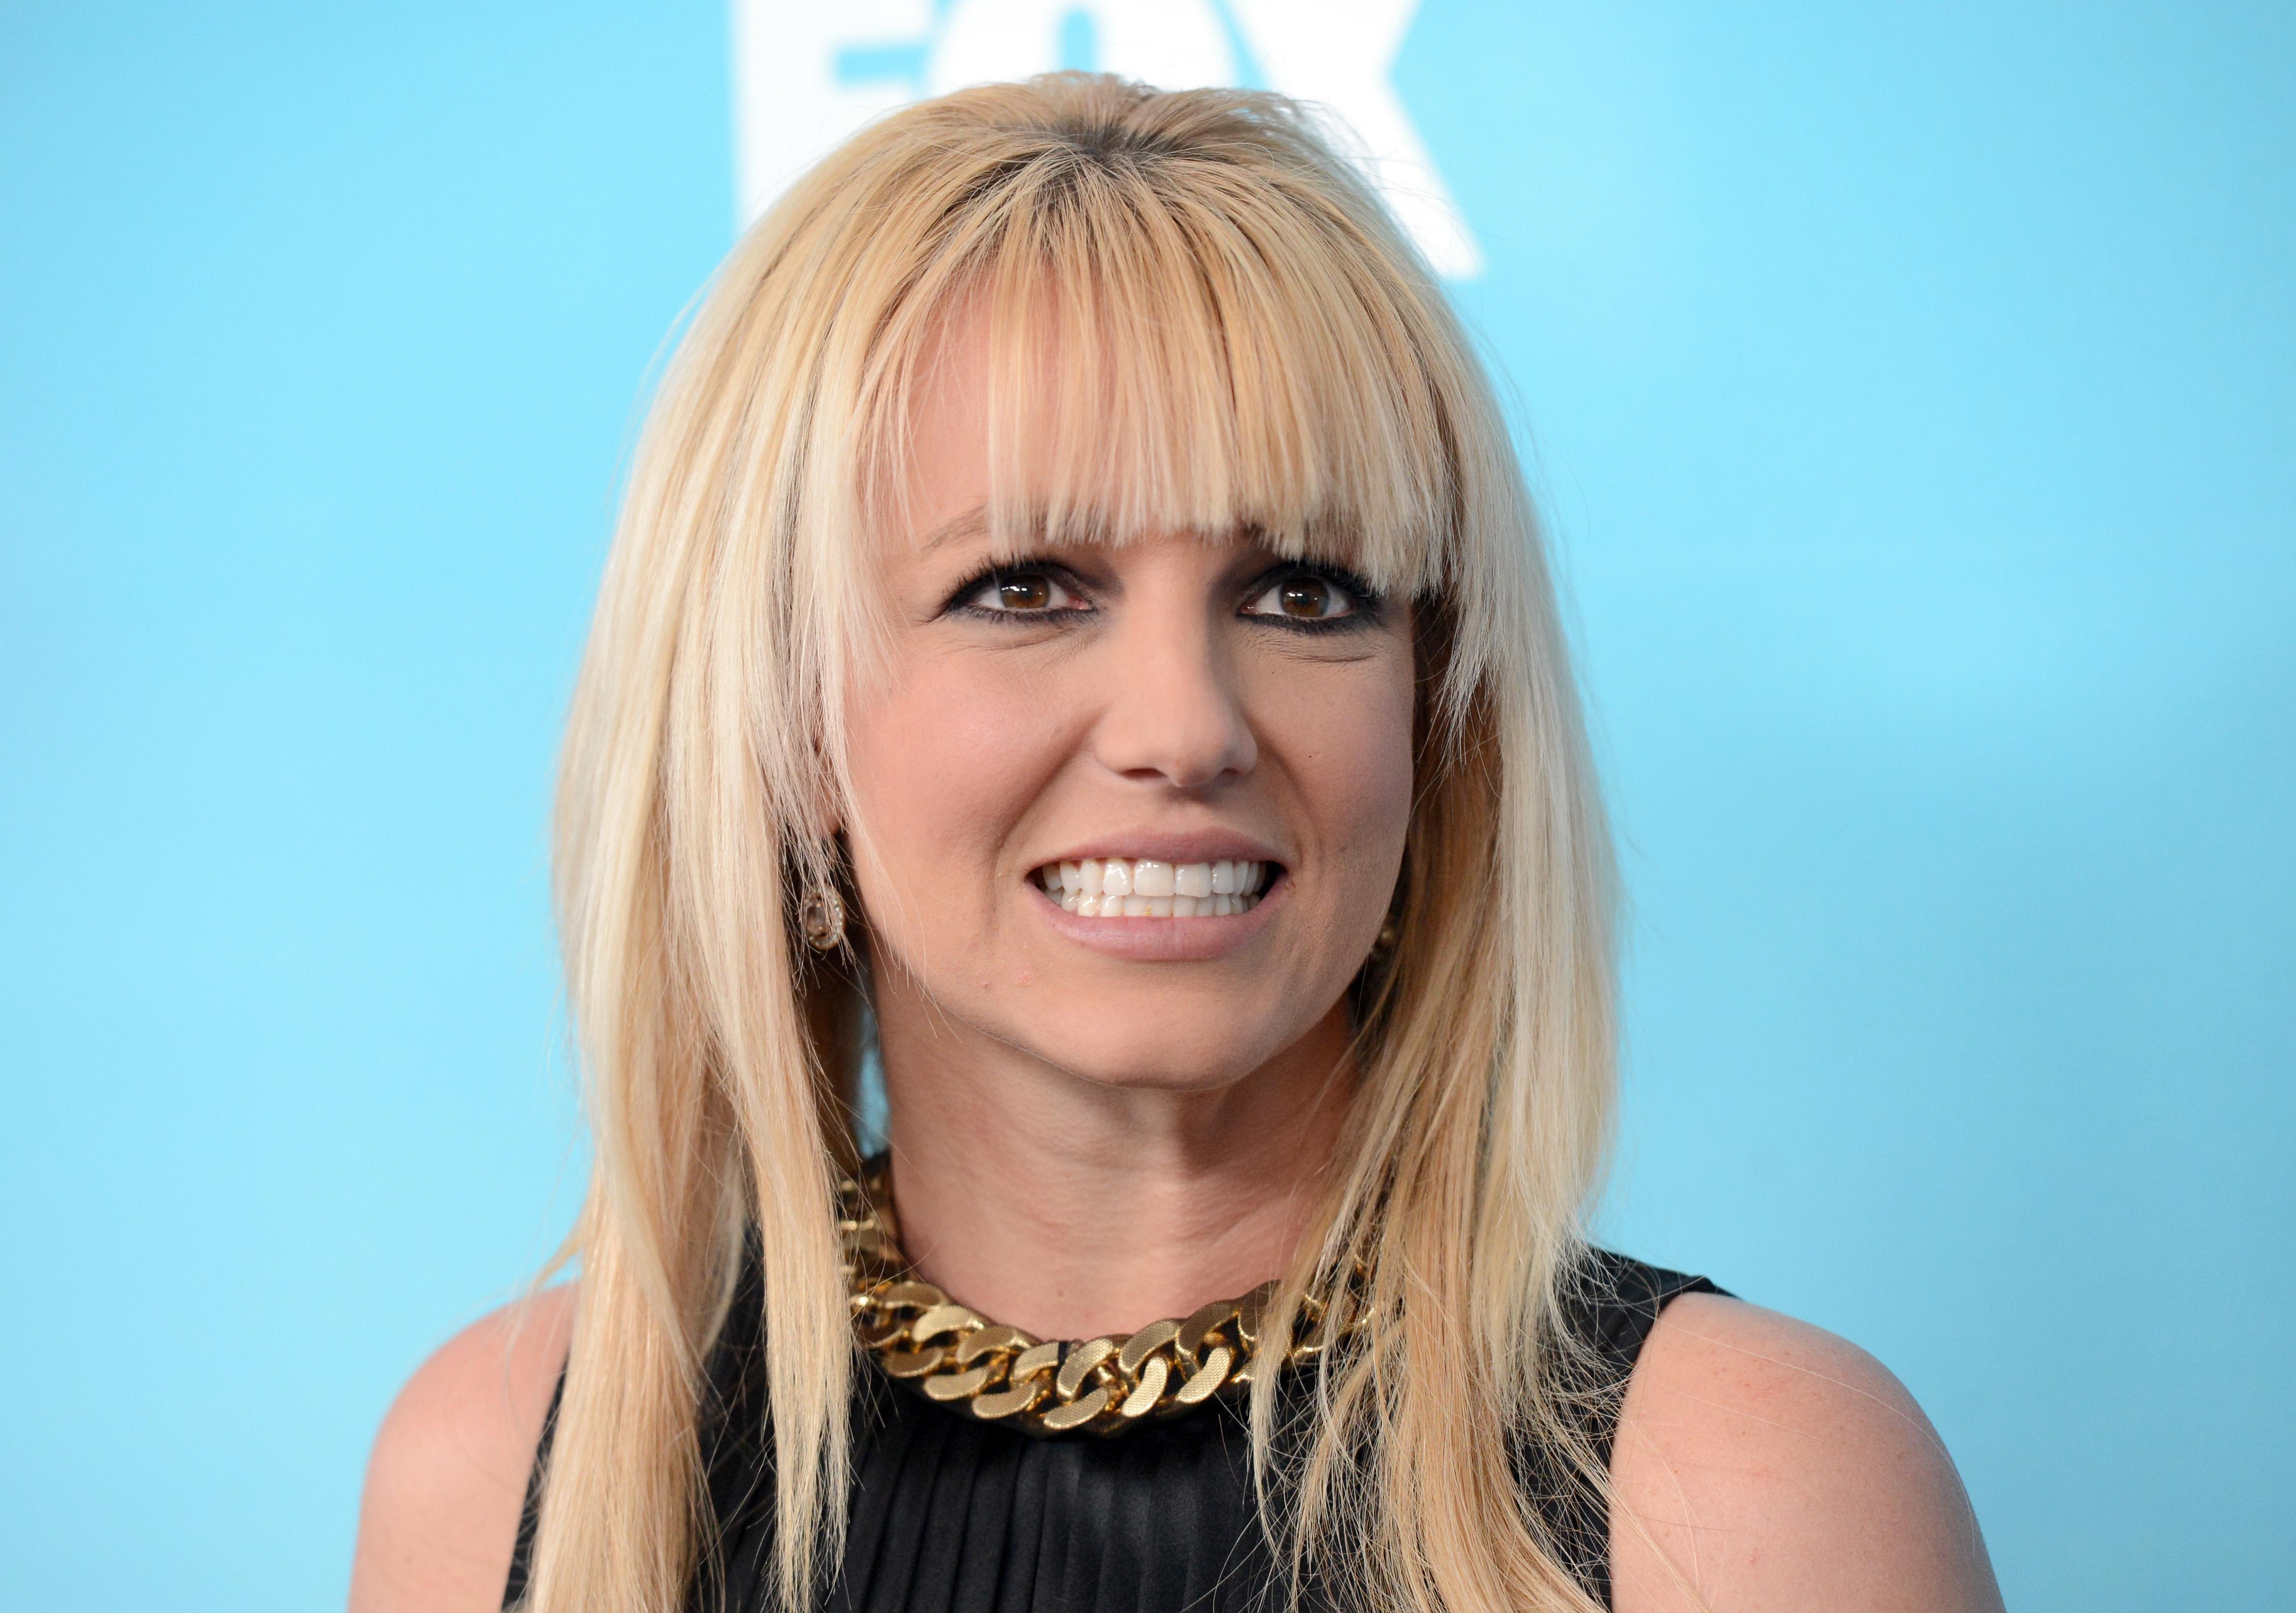 <p>Макар Бритни да е далеч от тези мрачни времена, преди няколко години, когато тя беше жури в американското предаване X Factor, певицата се появи на събитие, на което показа свой обрив на крака. Модните експерти критикуваха дълго Бритни, защото тя се бе спряла на обувки, съчетани с къса рокля, които разкриват кожния проблем. Вижте следващата снимка.</p>